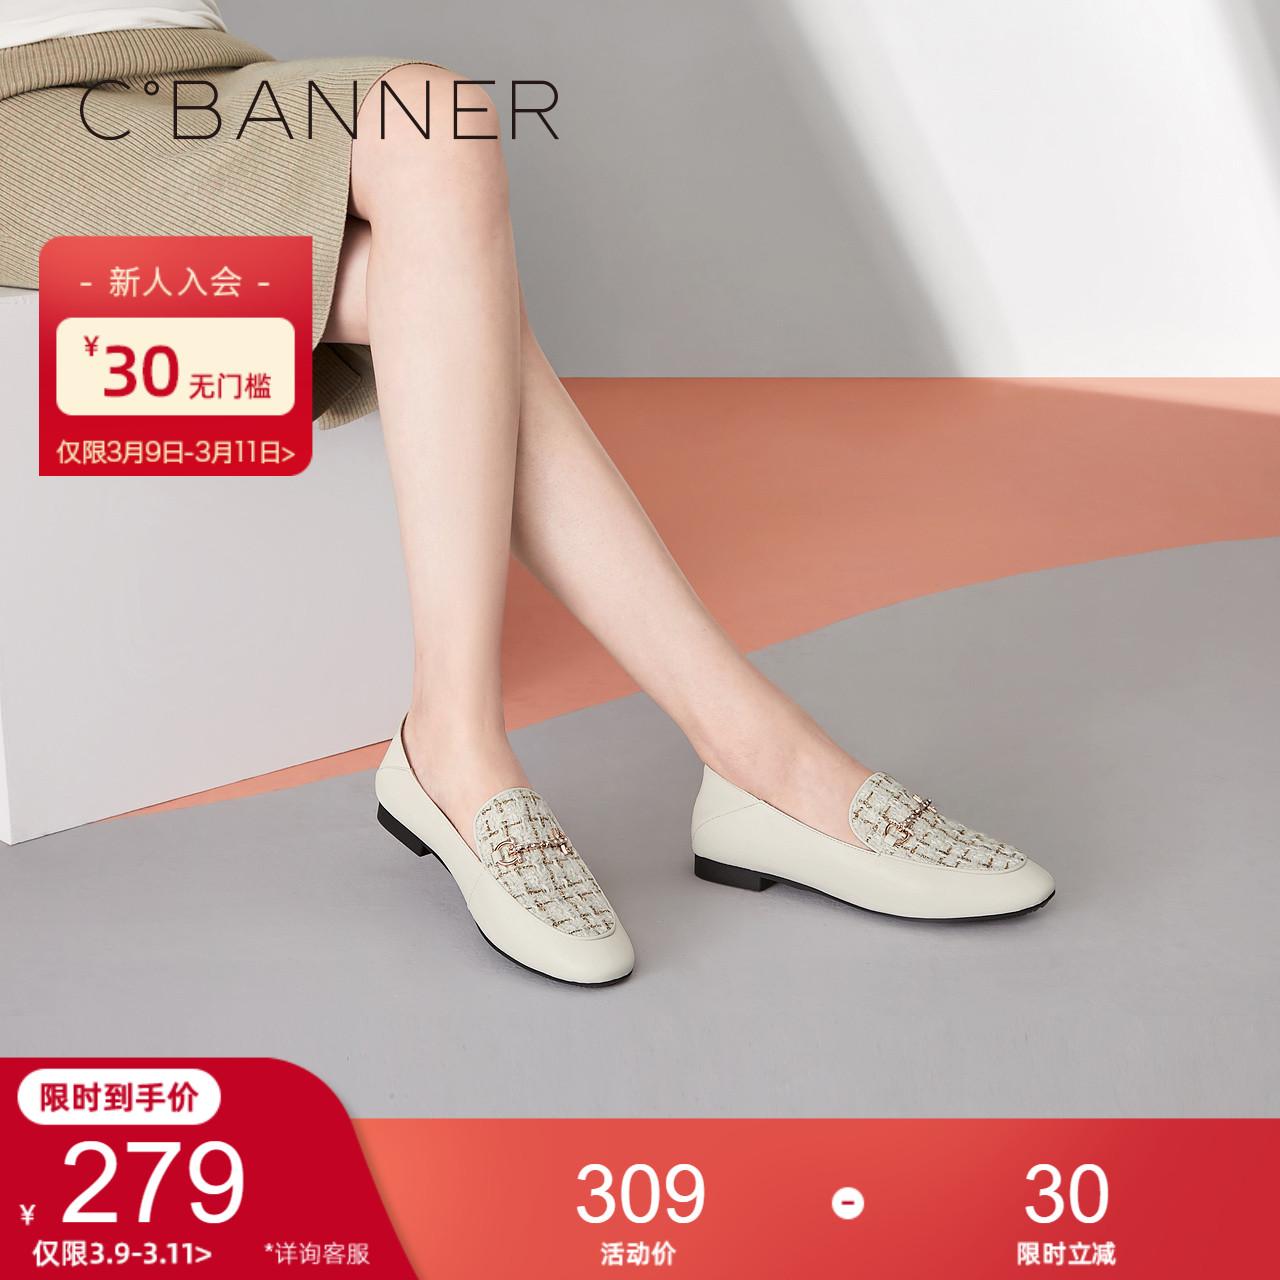 女士单鞋新款方跟女鞋 真皮舒适懒人鞋一脚蹬乐福鞋